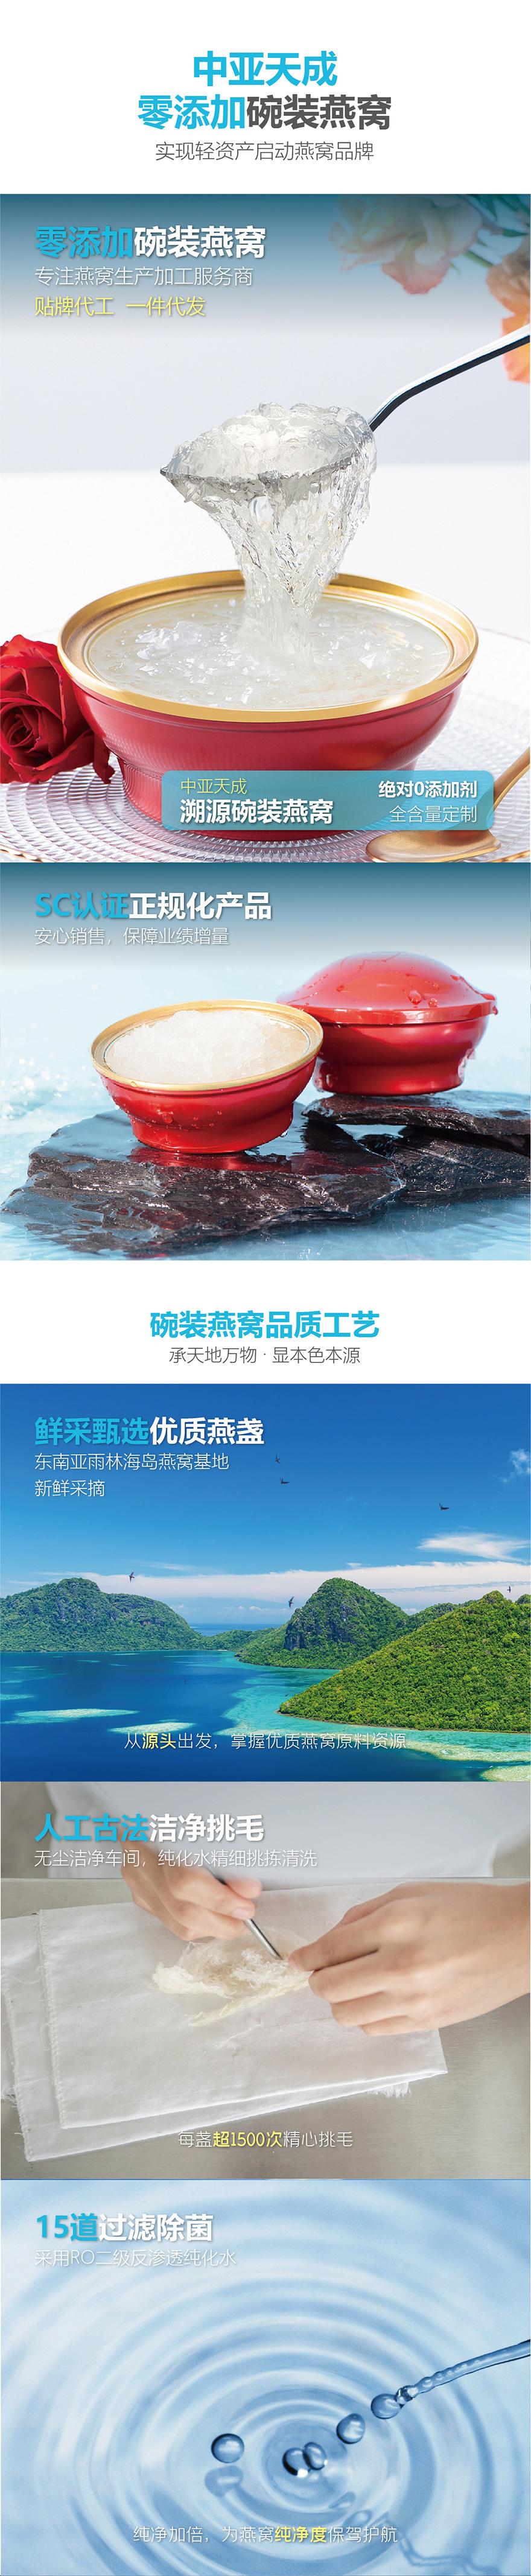 中亚天成碗装燕窝产品介绍页面2_画板 1 副本 2.jpg